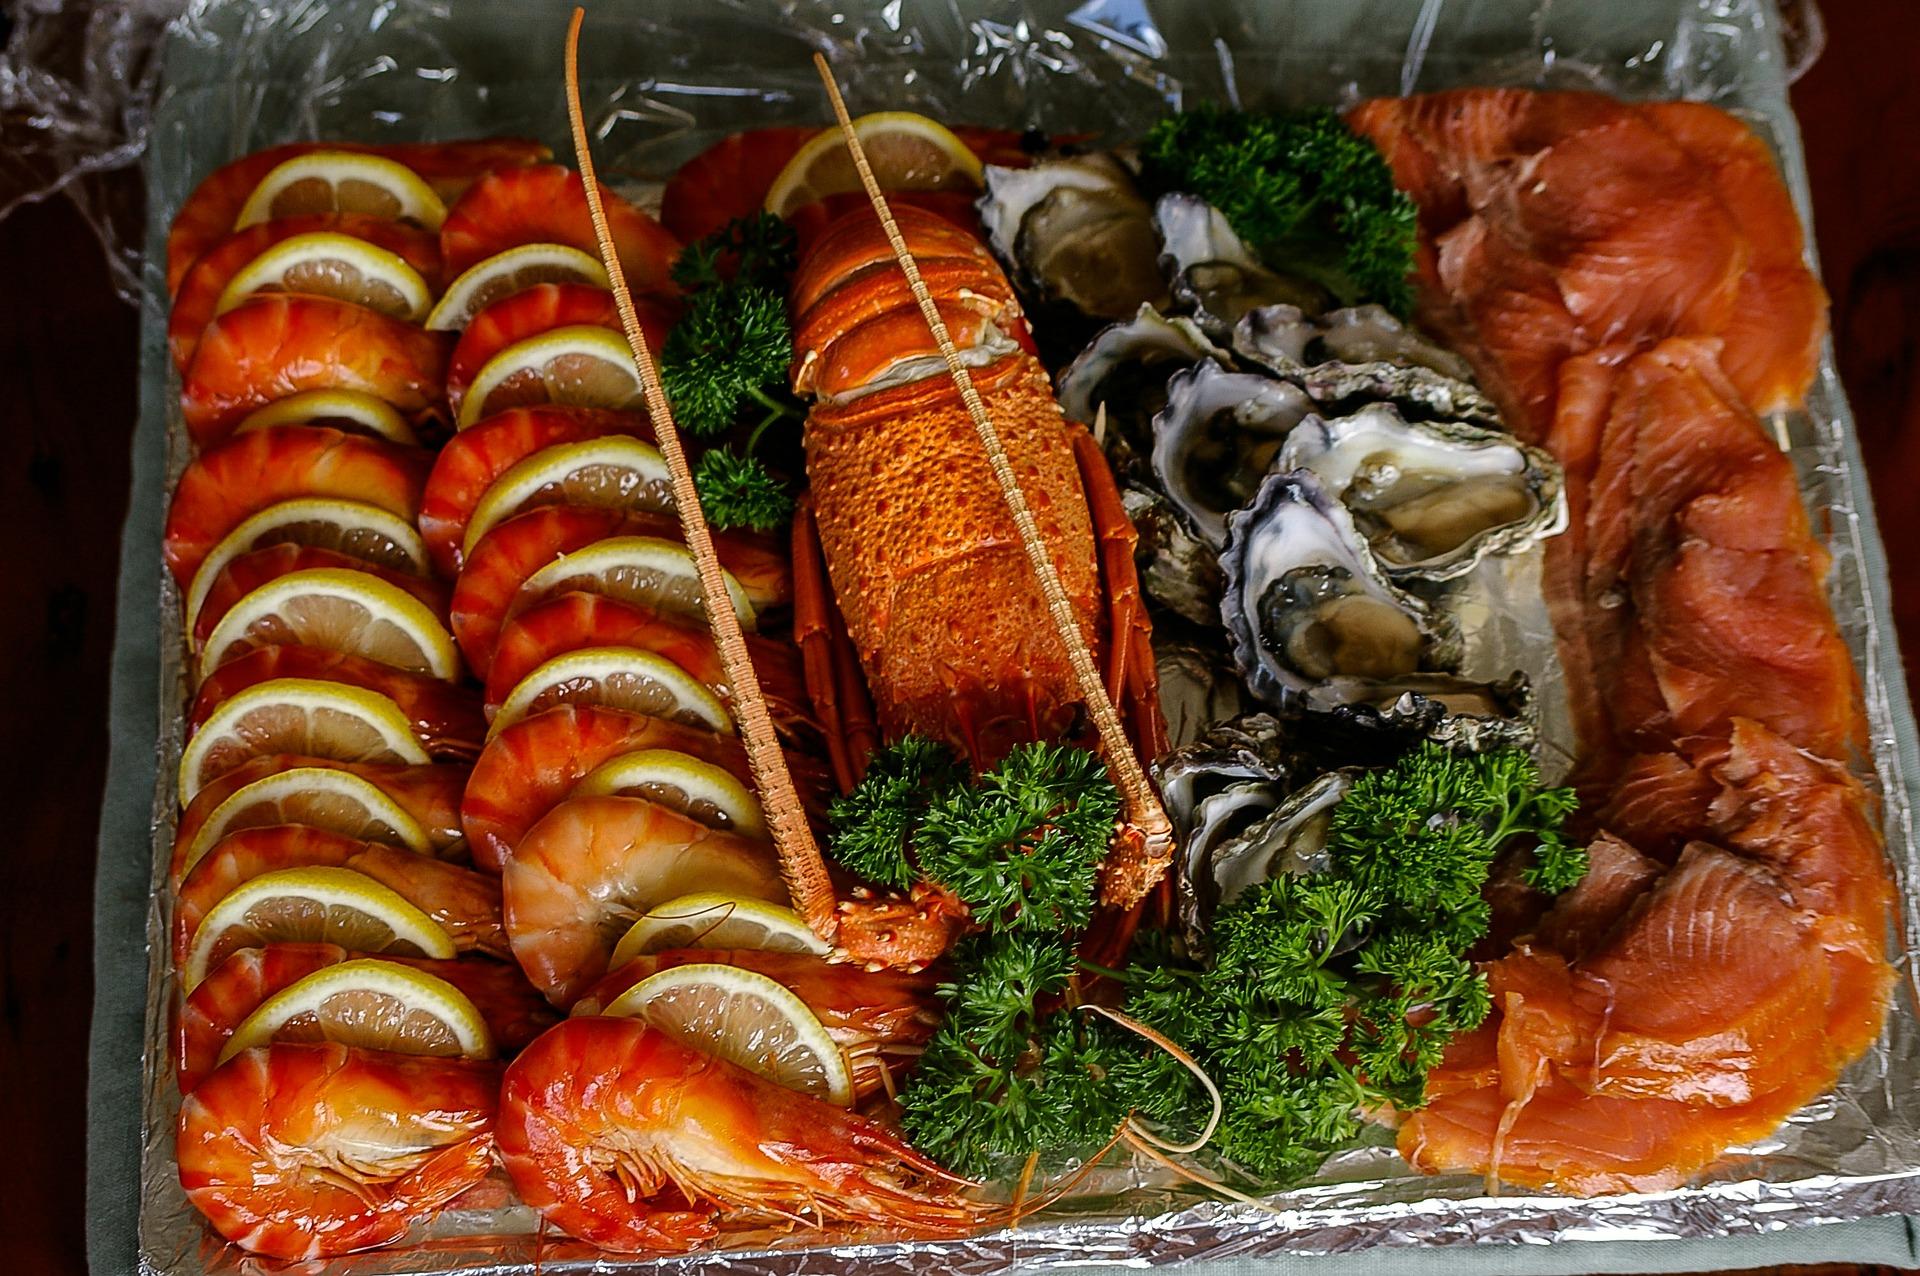 تعرف على فوائد صحية للمأكولات البحرية